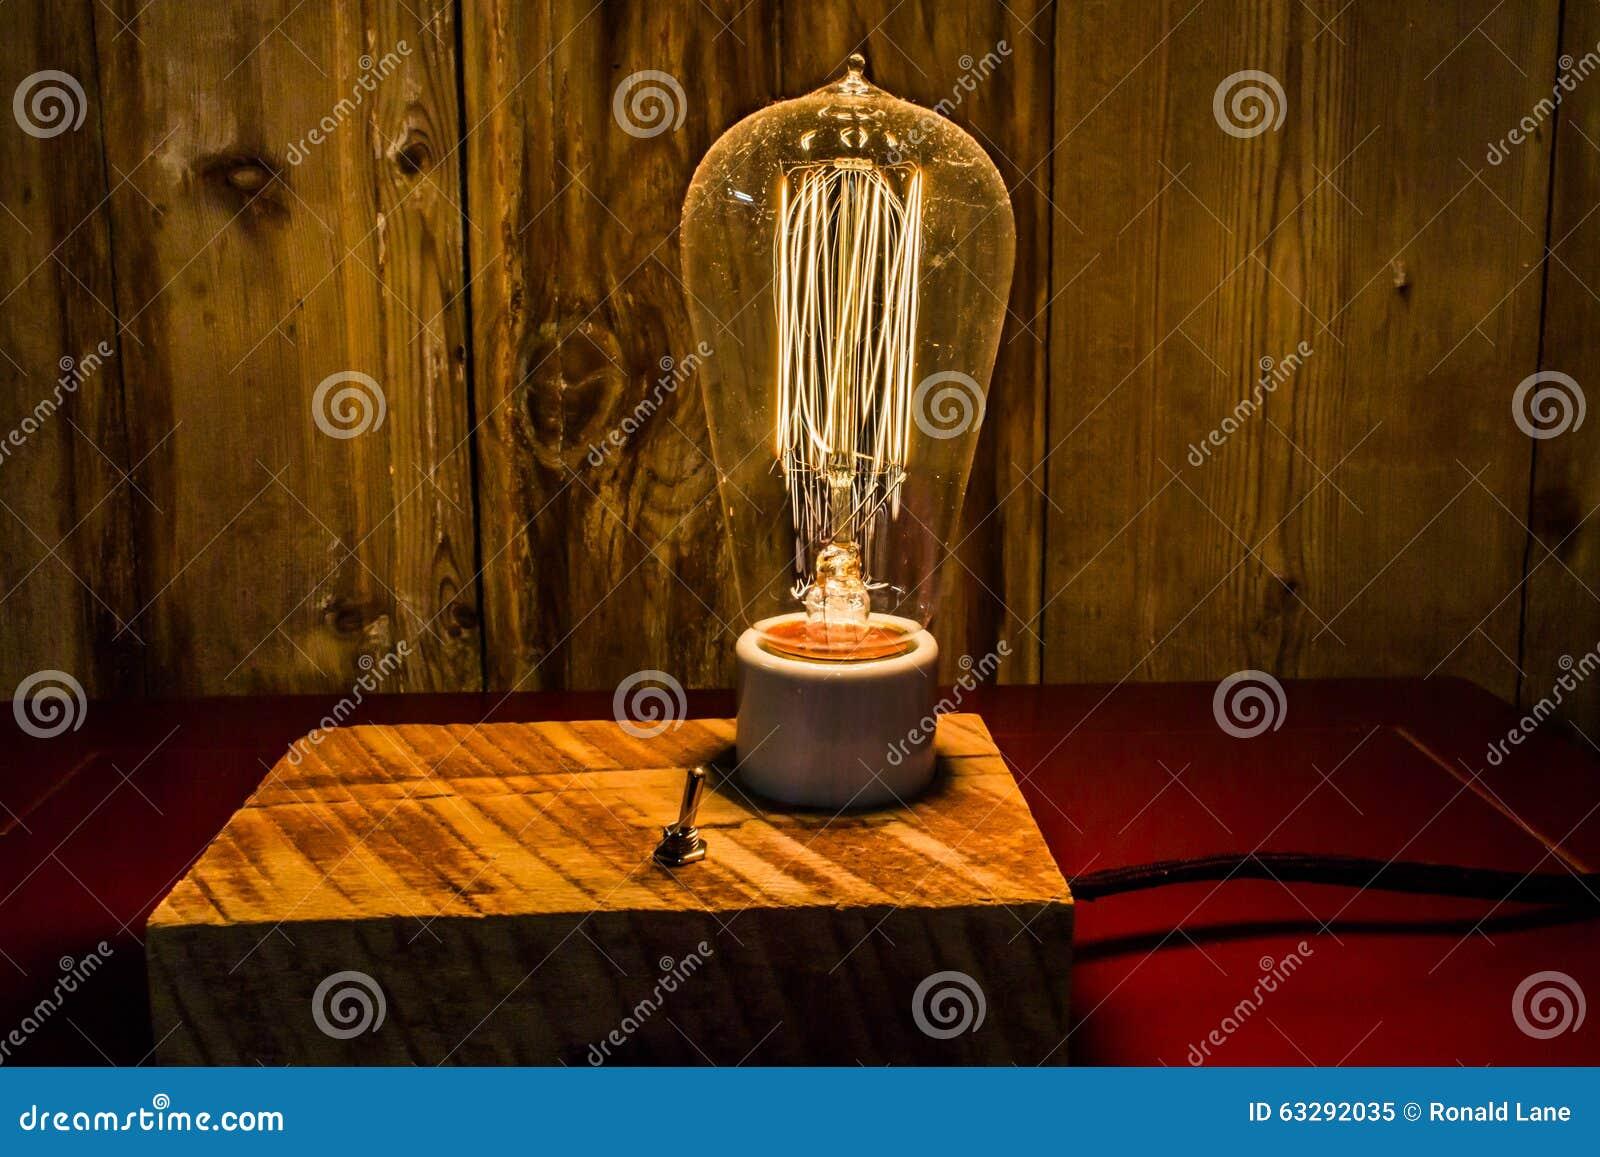 Lampade Antiche Con Edison Light Bulbs Fotografia Stock - Immagine: 63292035